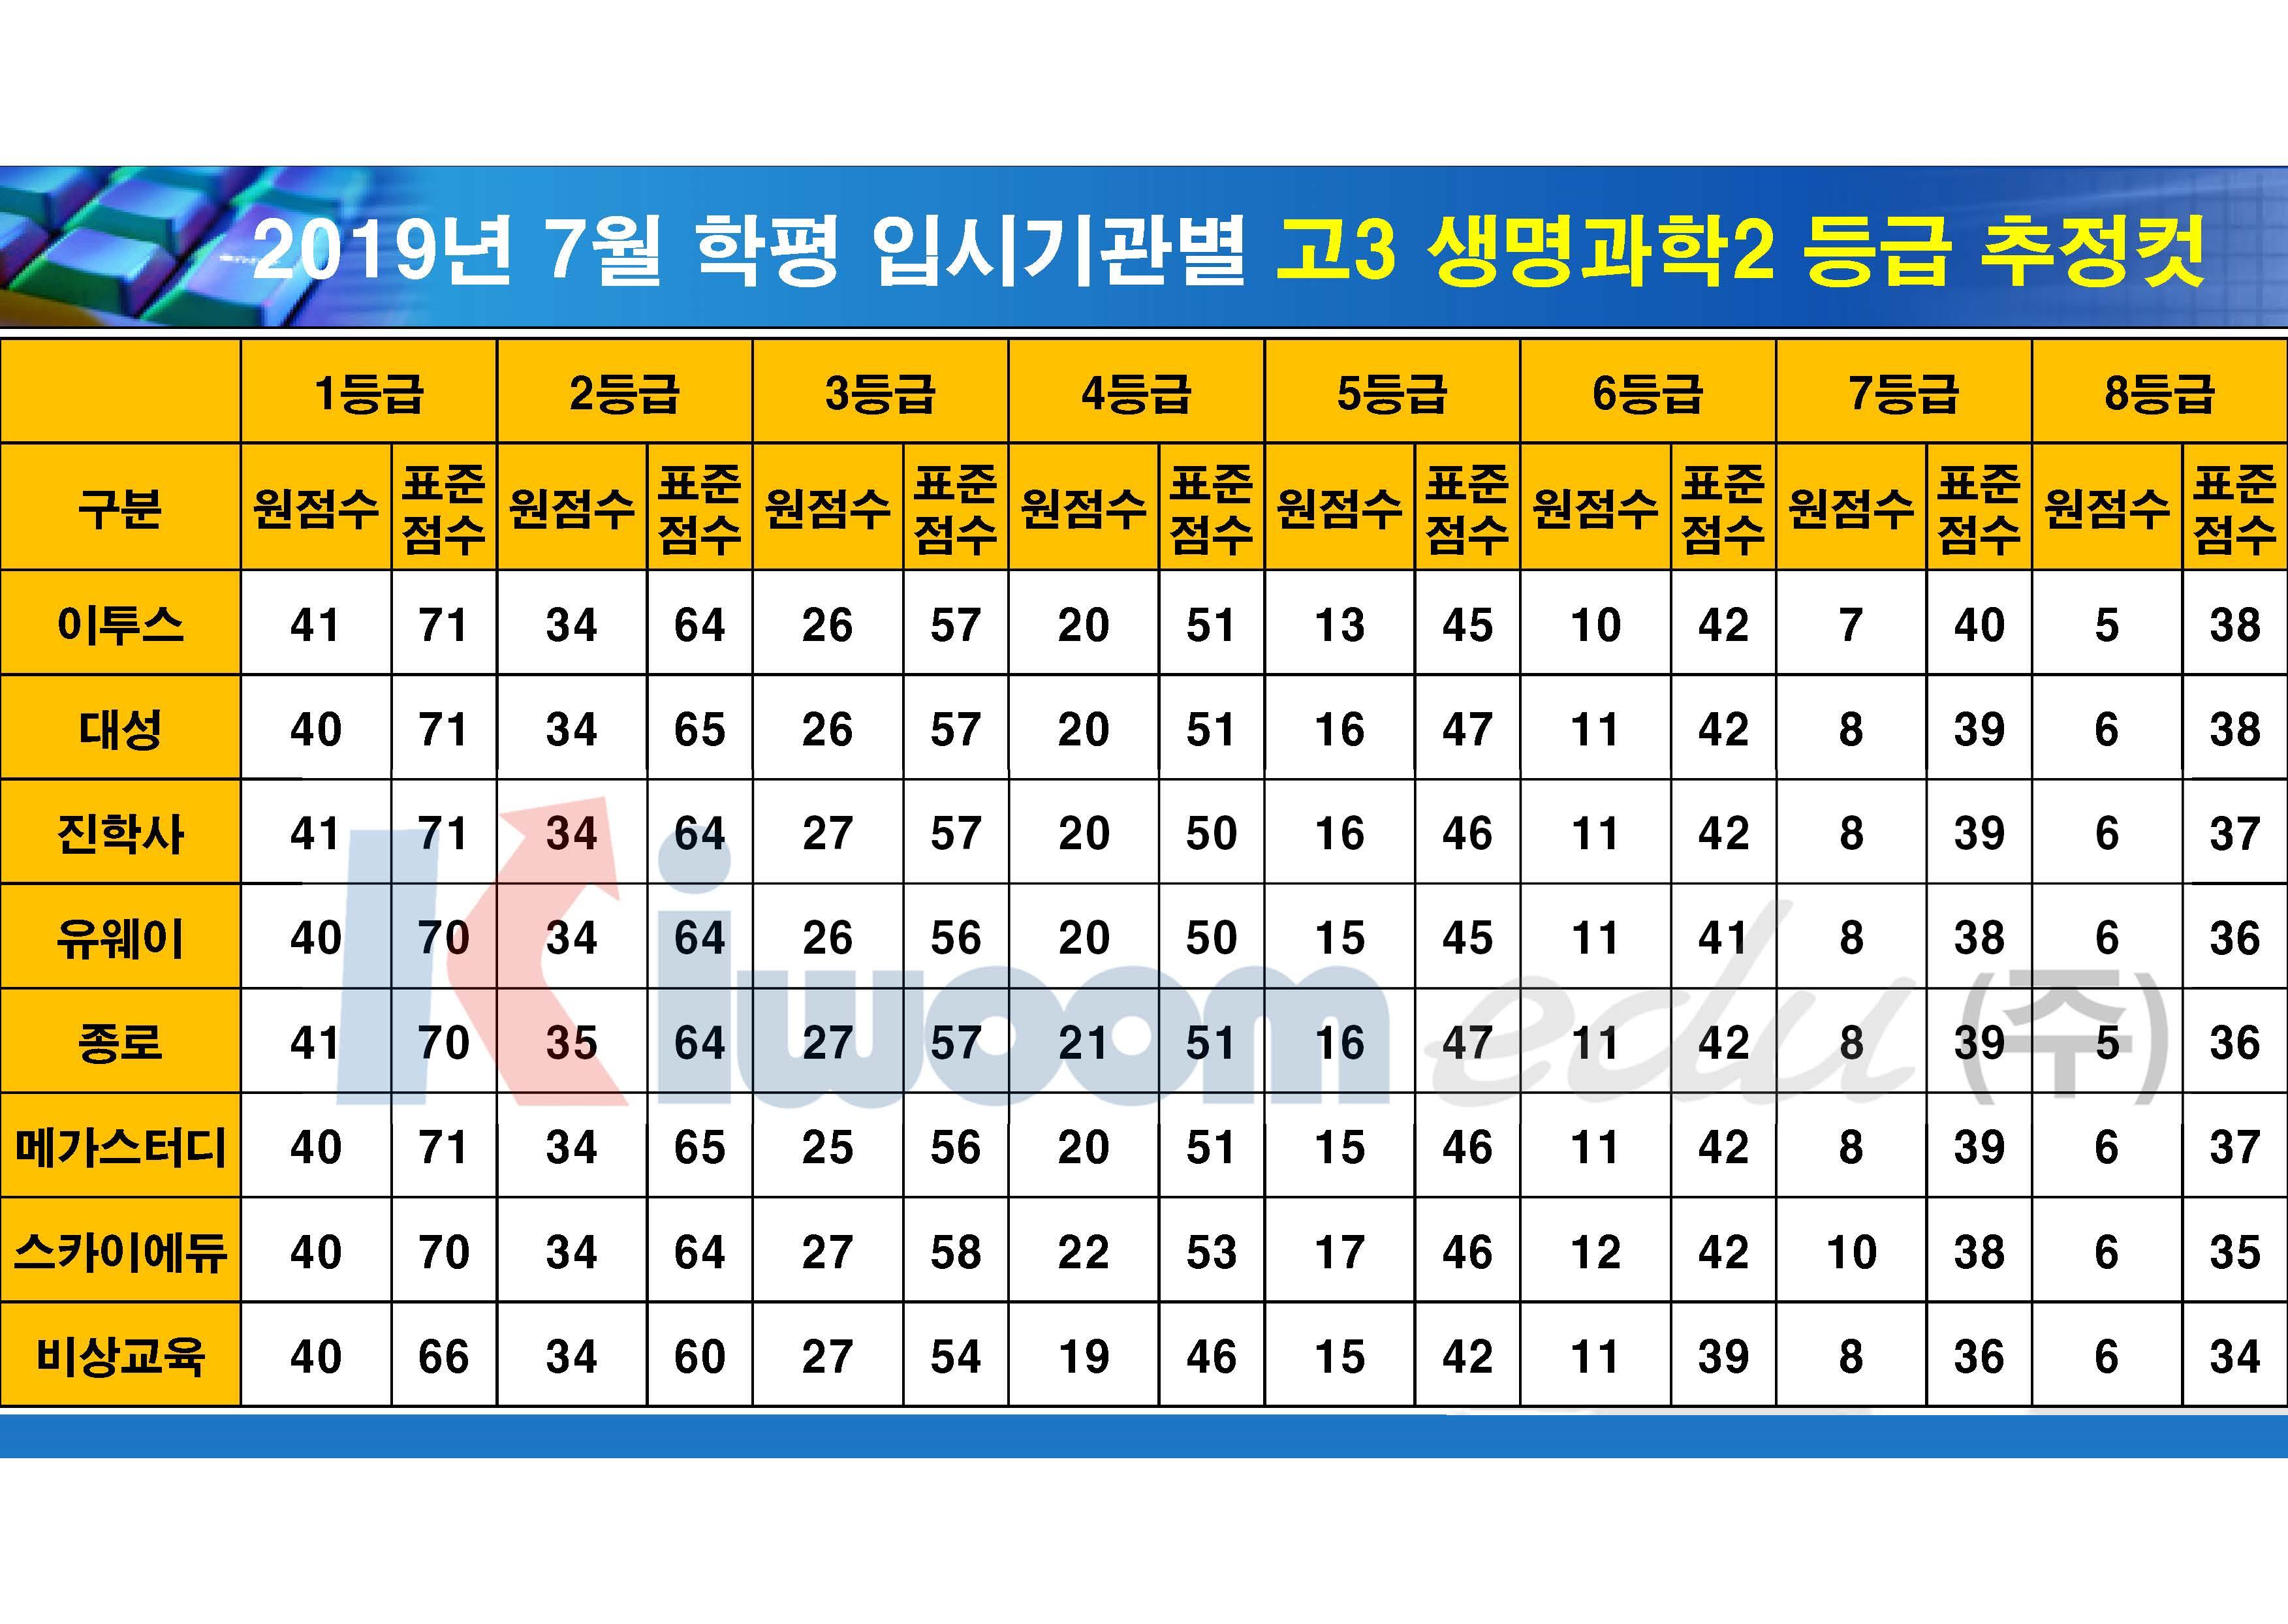 2019 7월 모의고사 입시기관별 등급컷(고3)_20190711_안지훈#1(16시 30분 기준)_Page_21.jpg